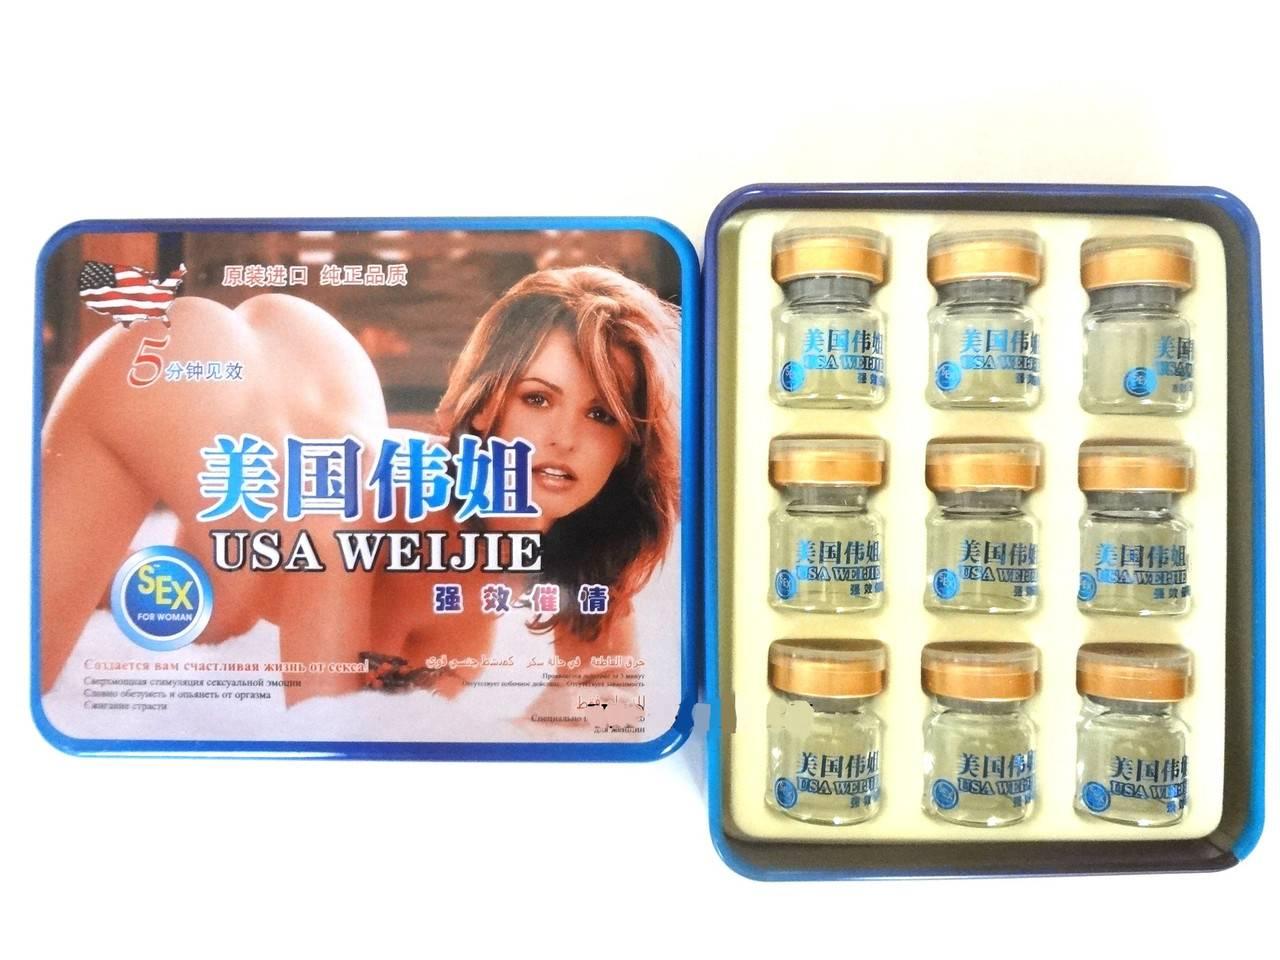 Виагра таблетки для мужчин: действие и инструкция по применению